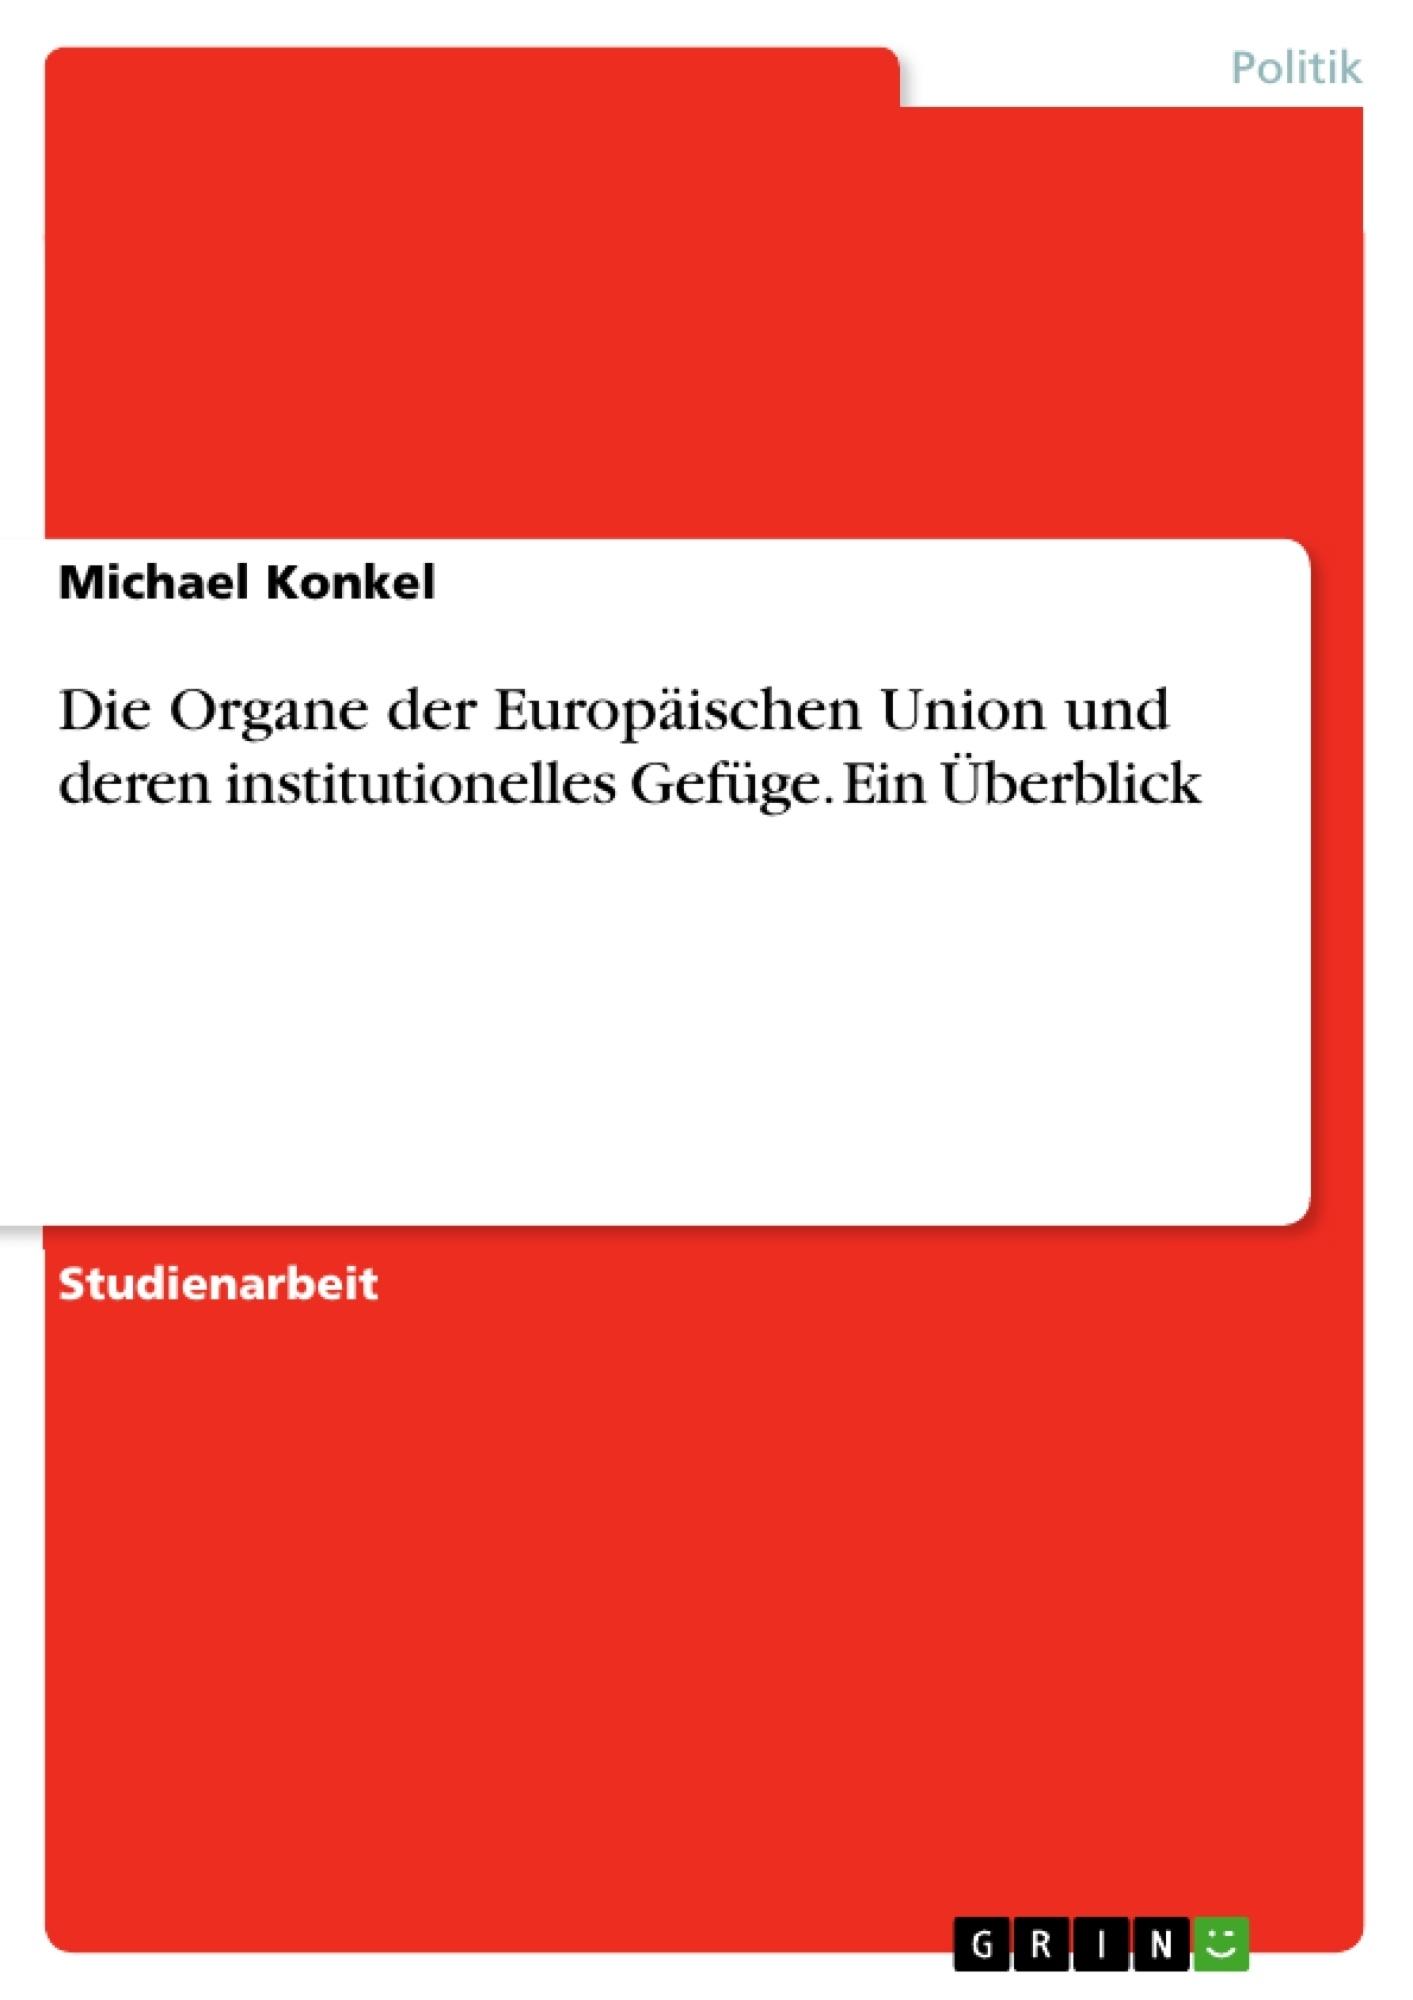 Titel: Die Organe der Europäischen Union und deren institutionelles Gefüge. Ein Überblick